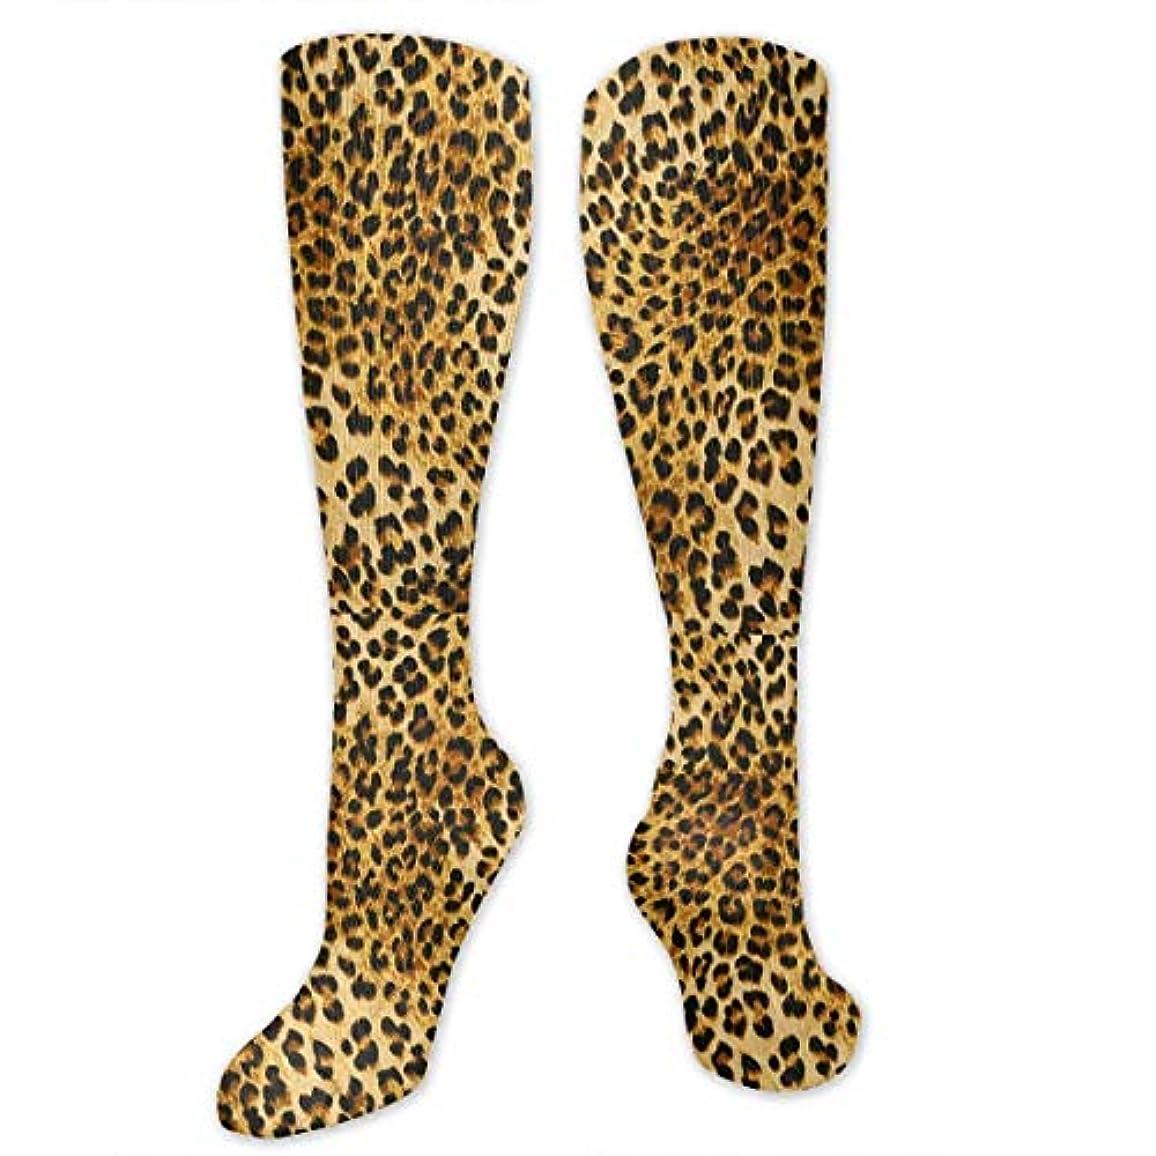 名義で古風な草靴下,ストッキング,野生のジョーカー,実際,秋の本質,冬必須,サマーウェア&RBXAA Leopard Pattern Socks Women's Winter Cotton Long Tube Socks Cotton...